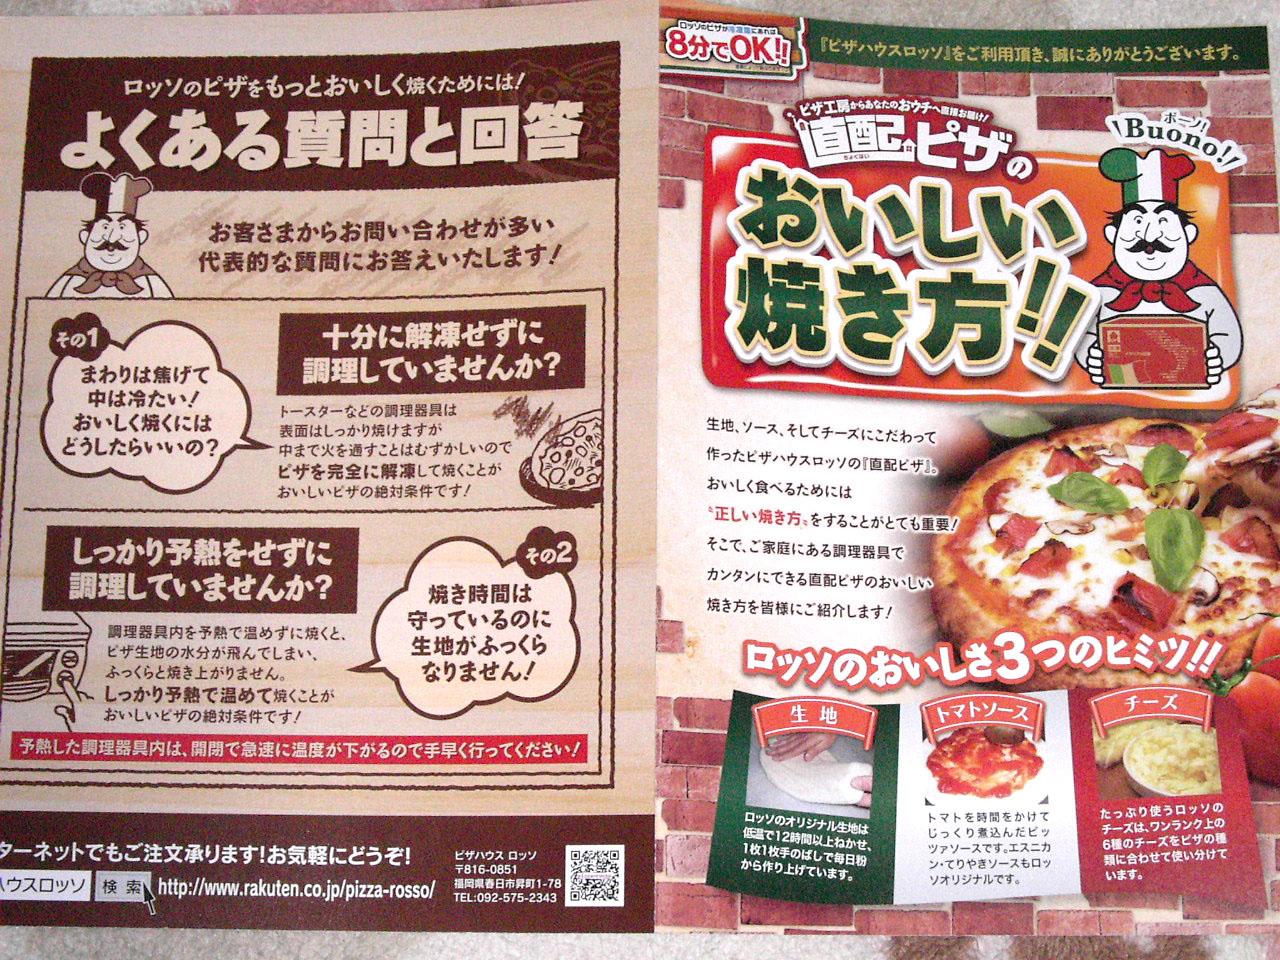 ピザハウスロッソ おいしい焼き方